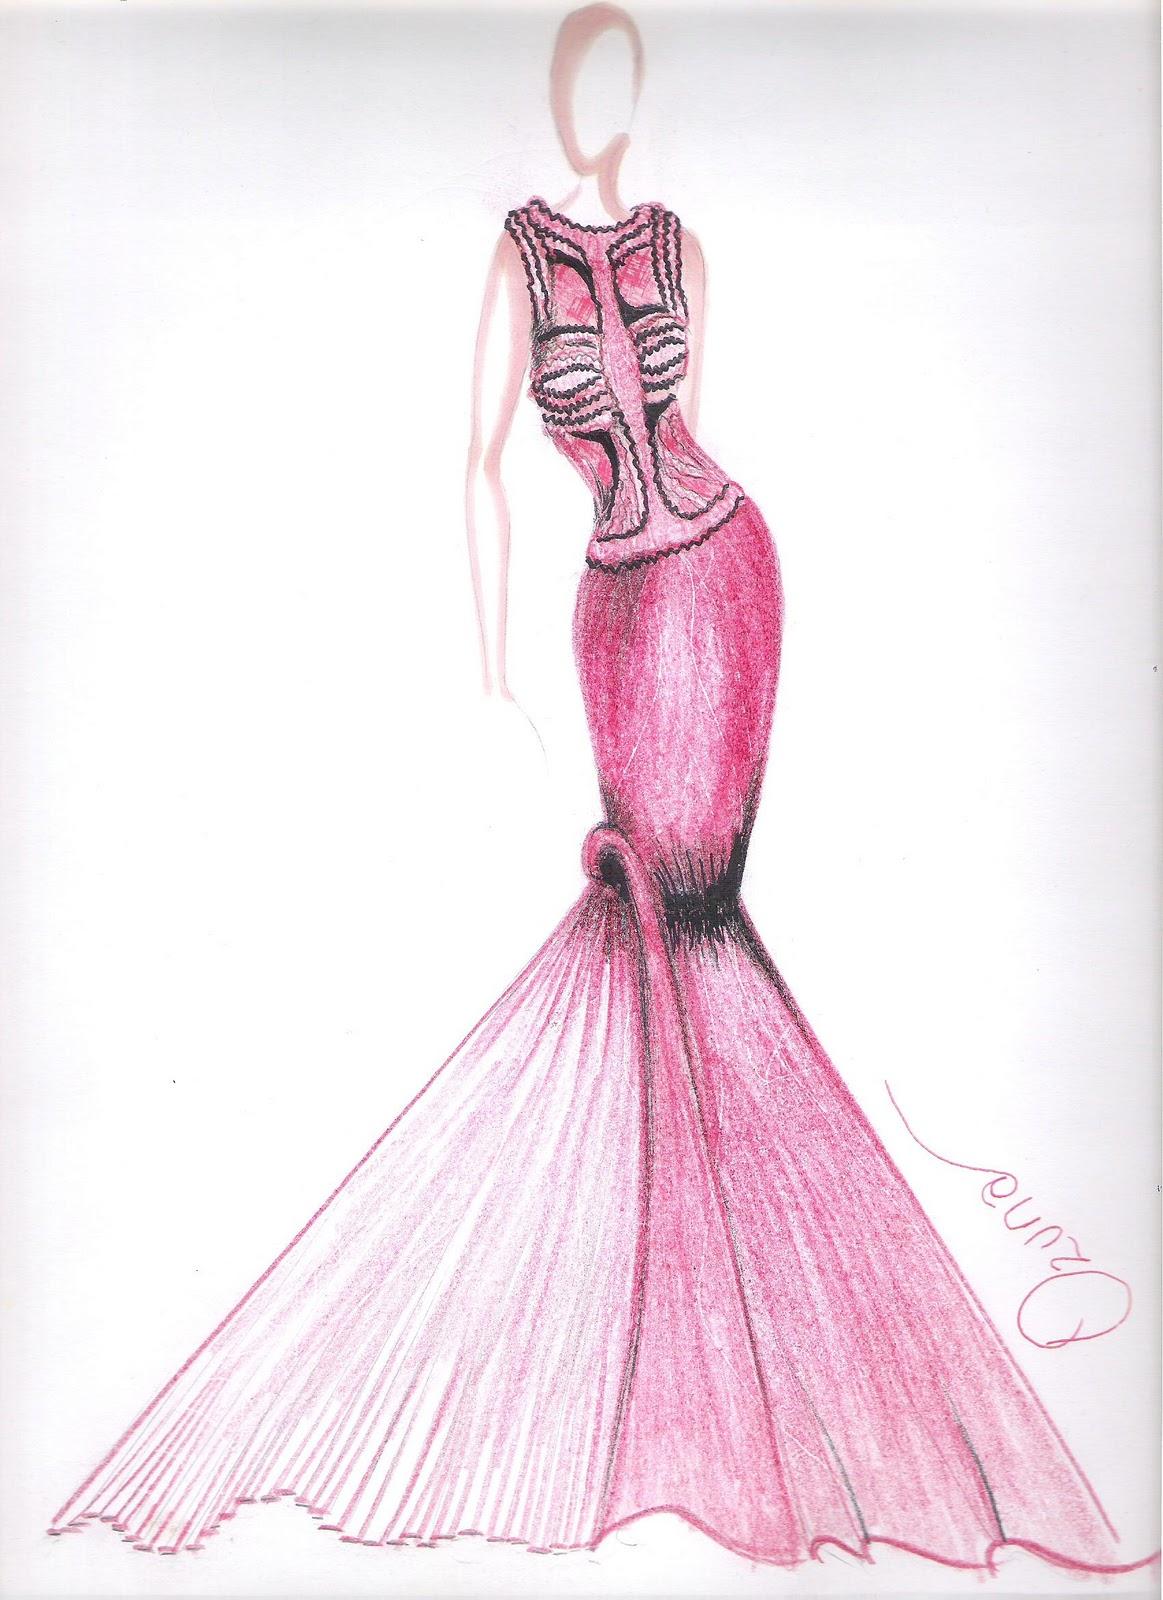 El Blog de Barbi Vengadora: 2011